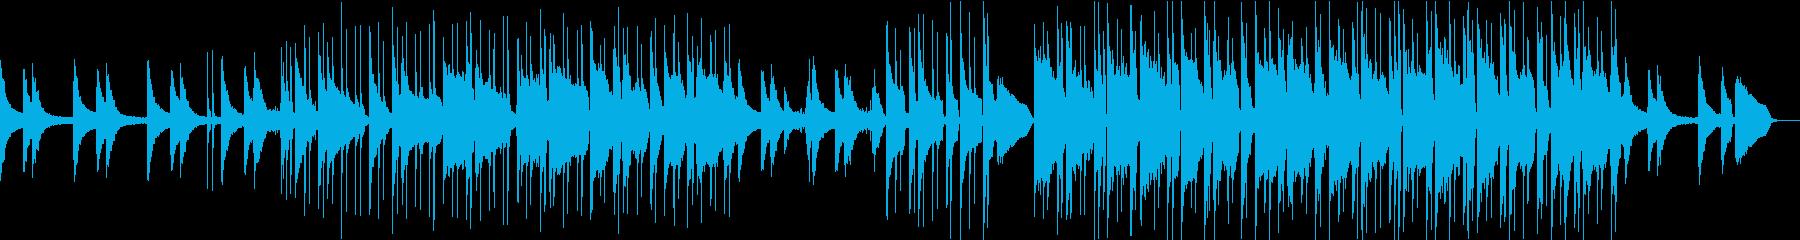 ギターとピアノ、チルでLoFiなビートの再生済みの波形